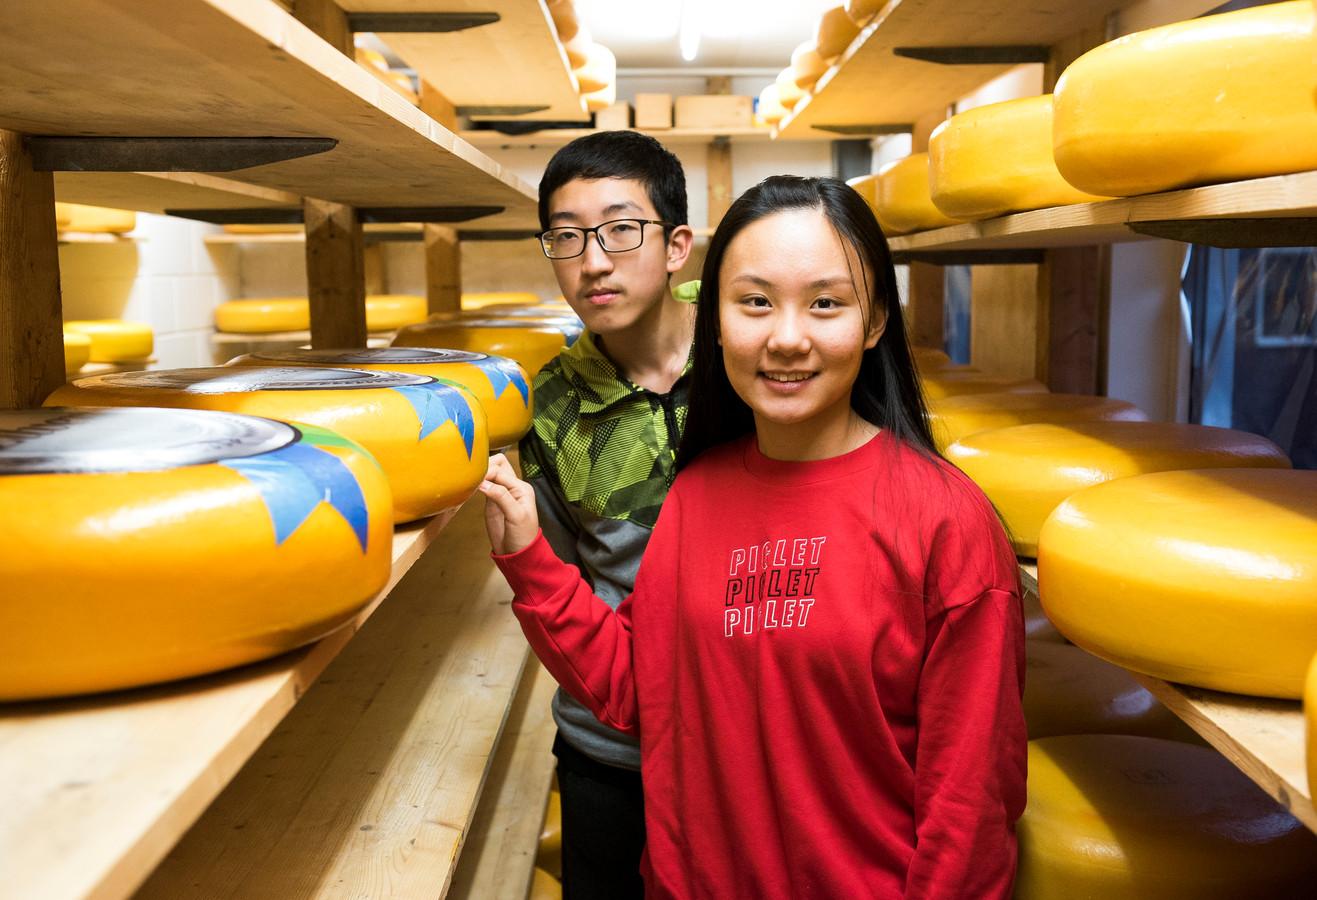 Chinese leerlingen bezoeken regelmatig middelbare scholen tijdens uitwisselingen. Nu zijn de reizen geschrapt. Ook Nederlandse leerlingen reizen voorlopig niet naar China.